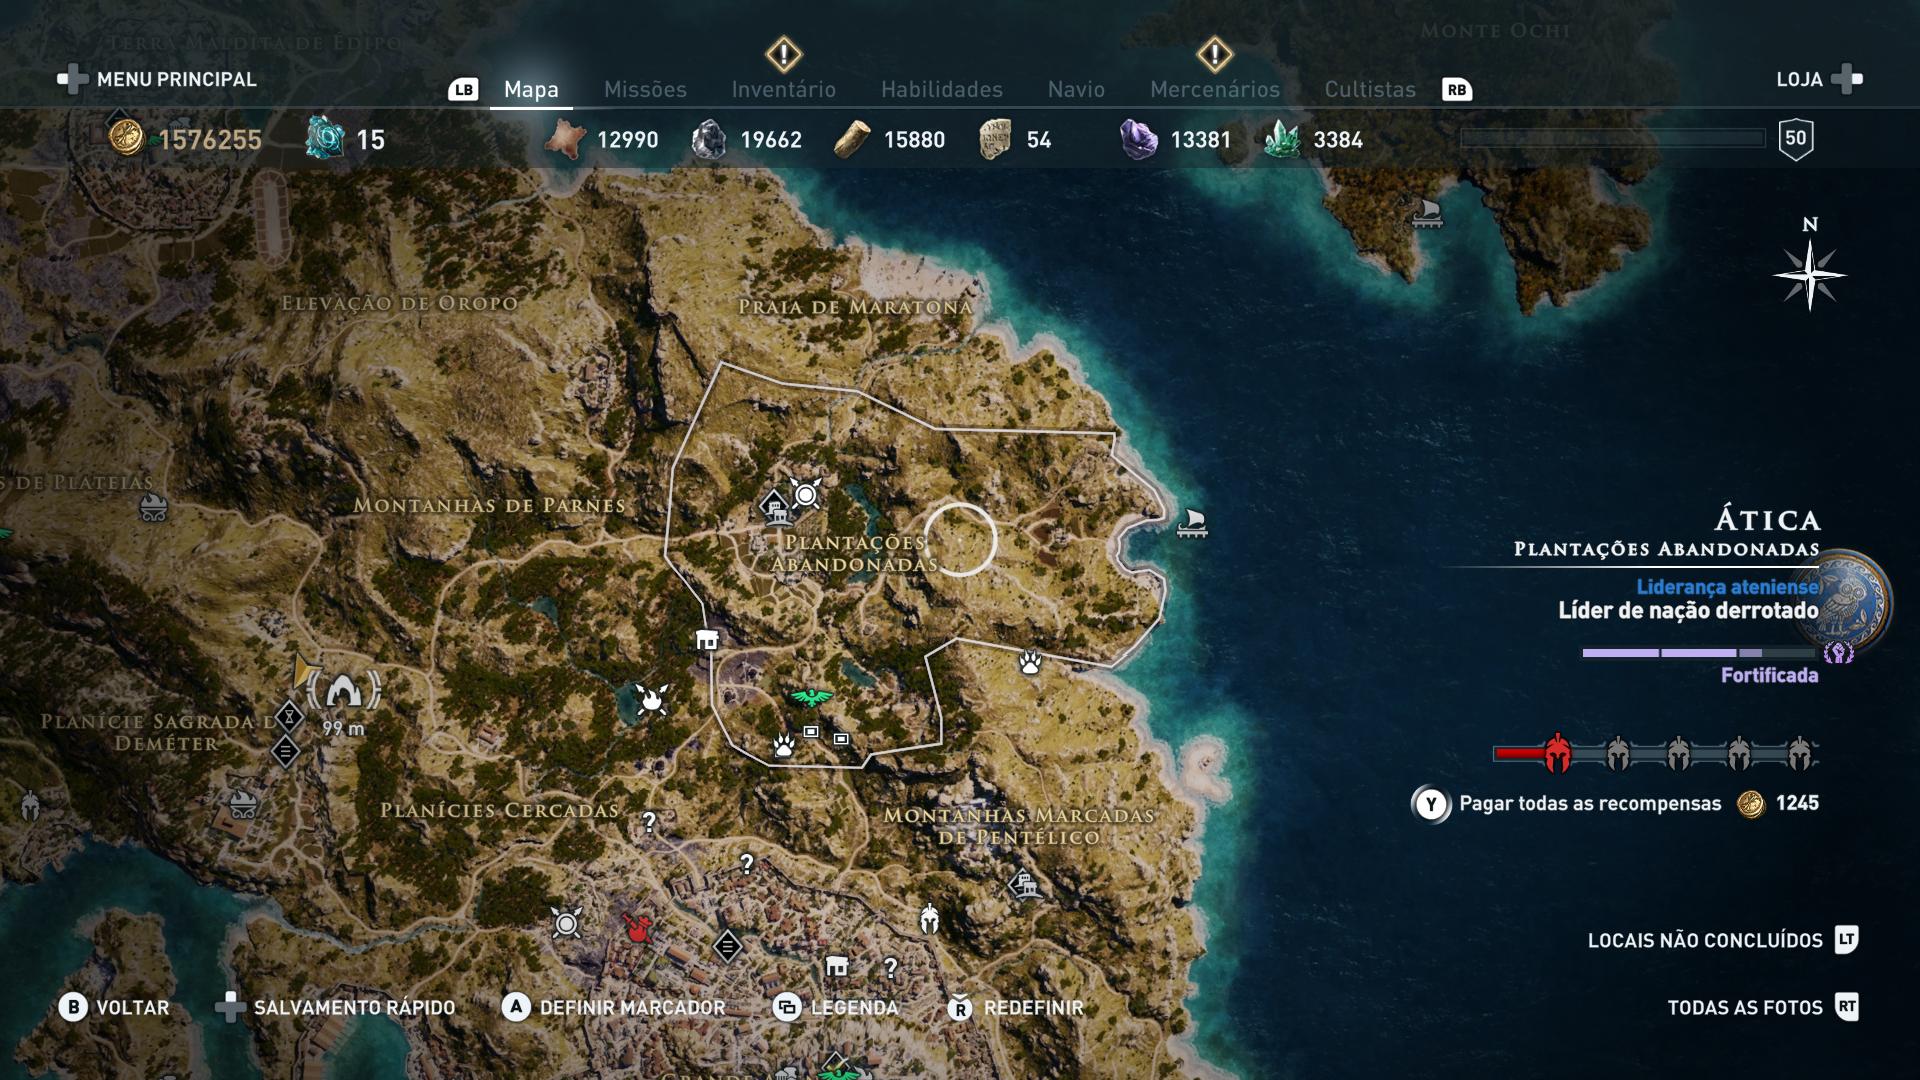 Assassin's Creed Odyssey - Guia dos Mercenários - Como pagar a recompensa pela tua cabeça 4